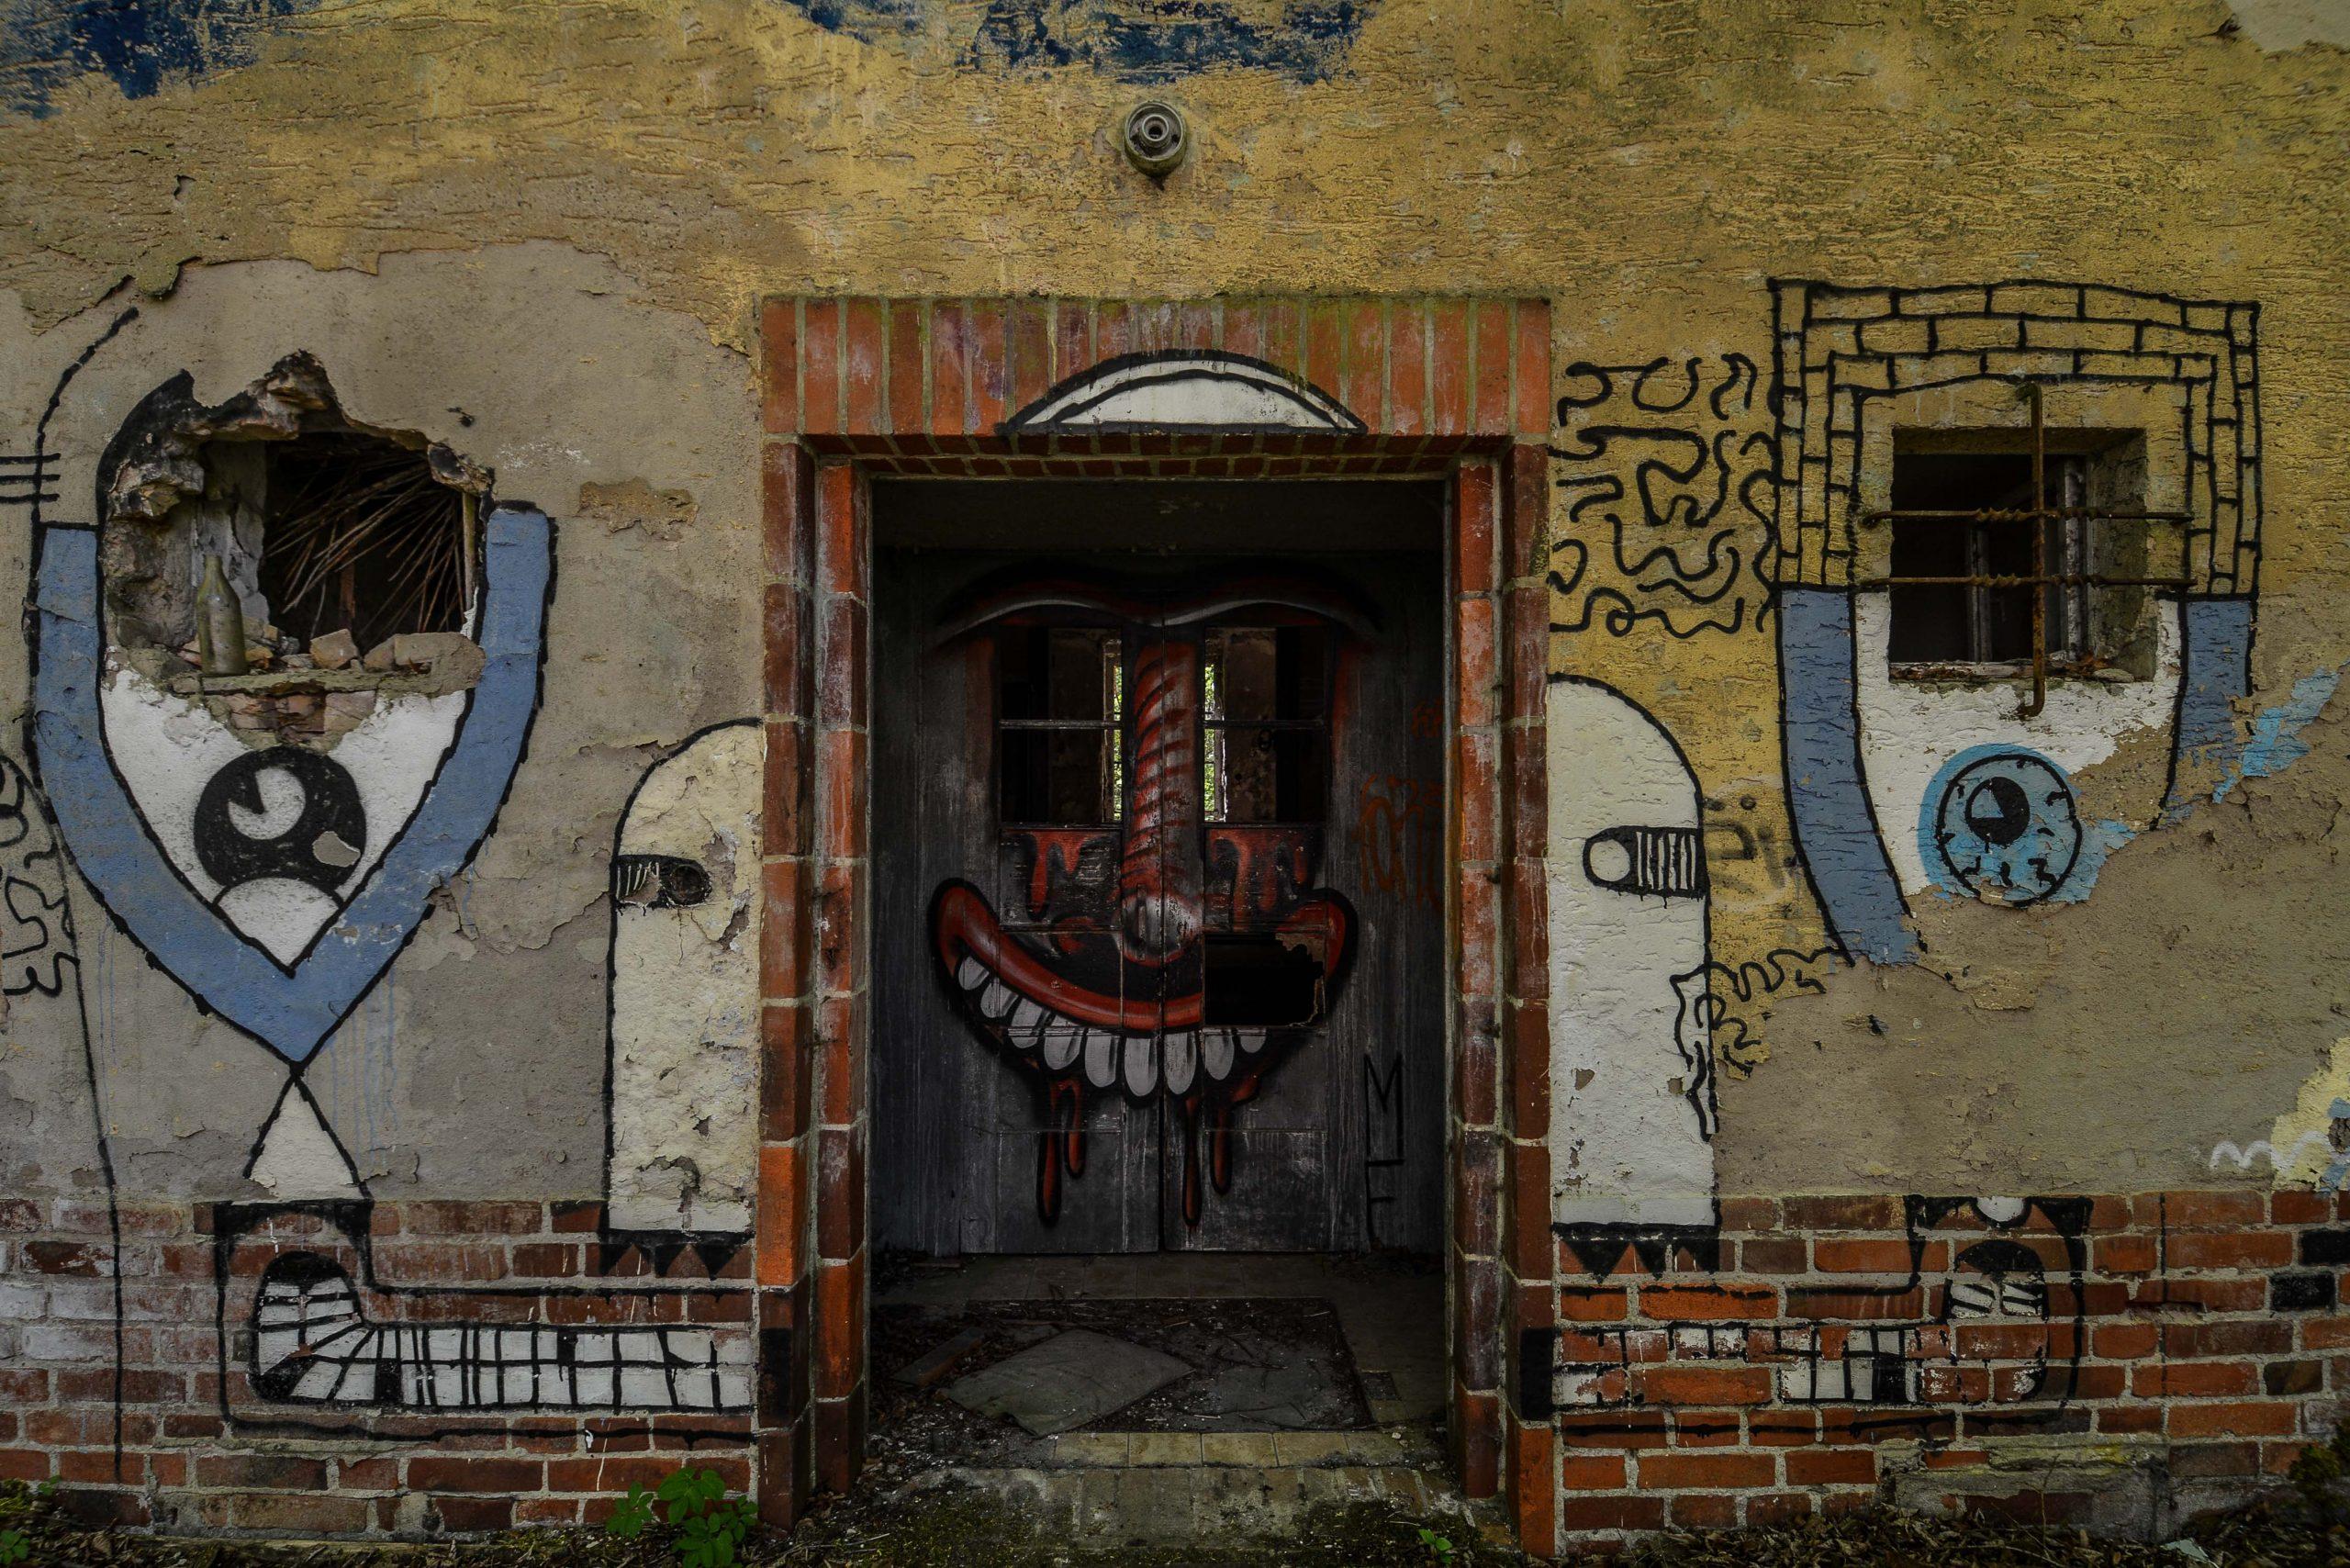 clown graffiti sanatorium hospital tuberkulose heilstaette grabowsee sanatorium oranienburg lost places abandoned urbex brandenburg germany deutschland